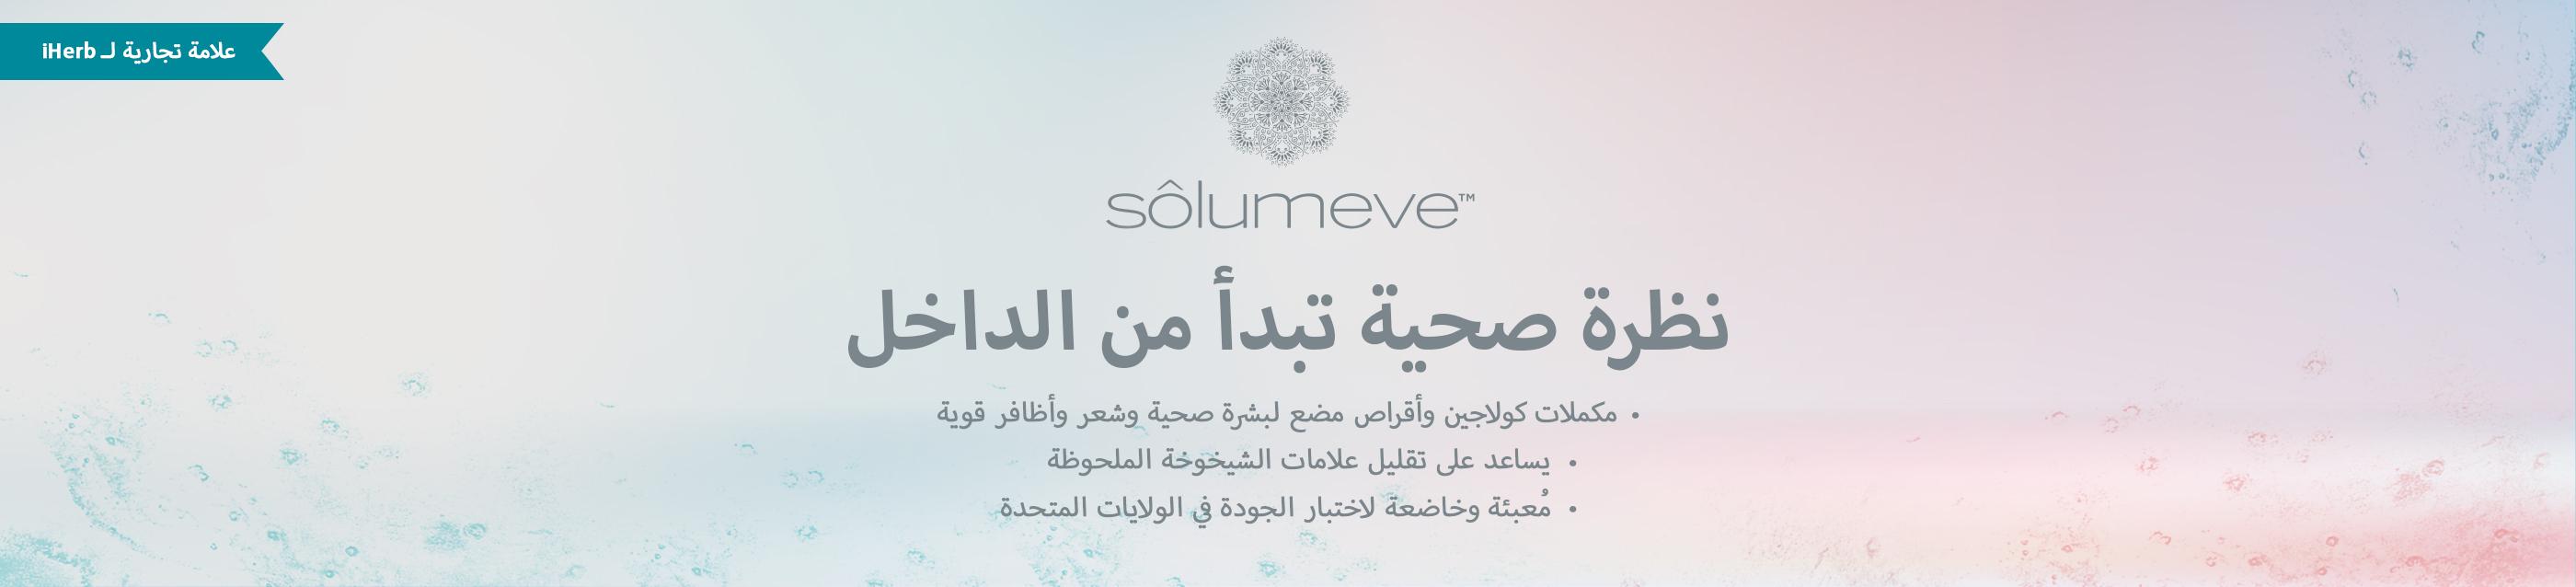 Solumeve